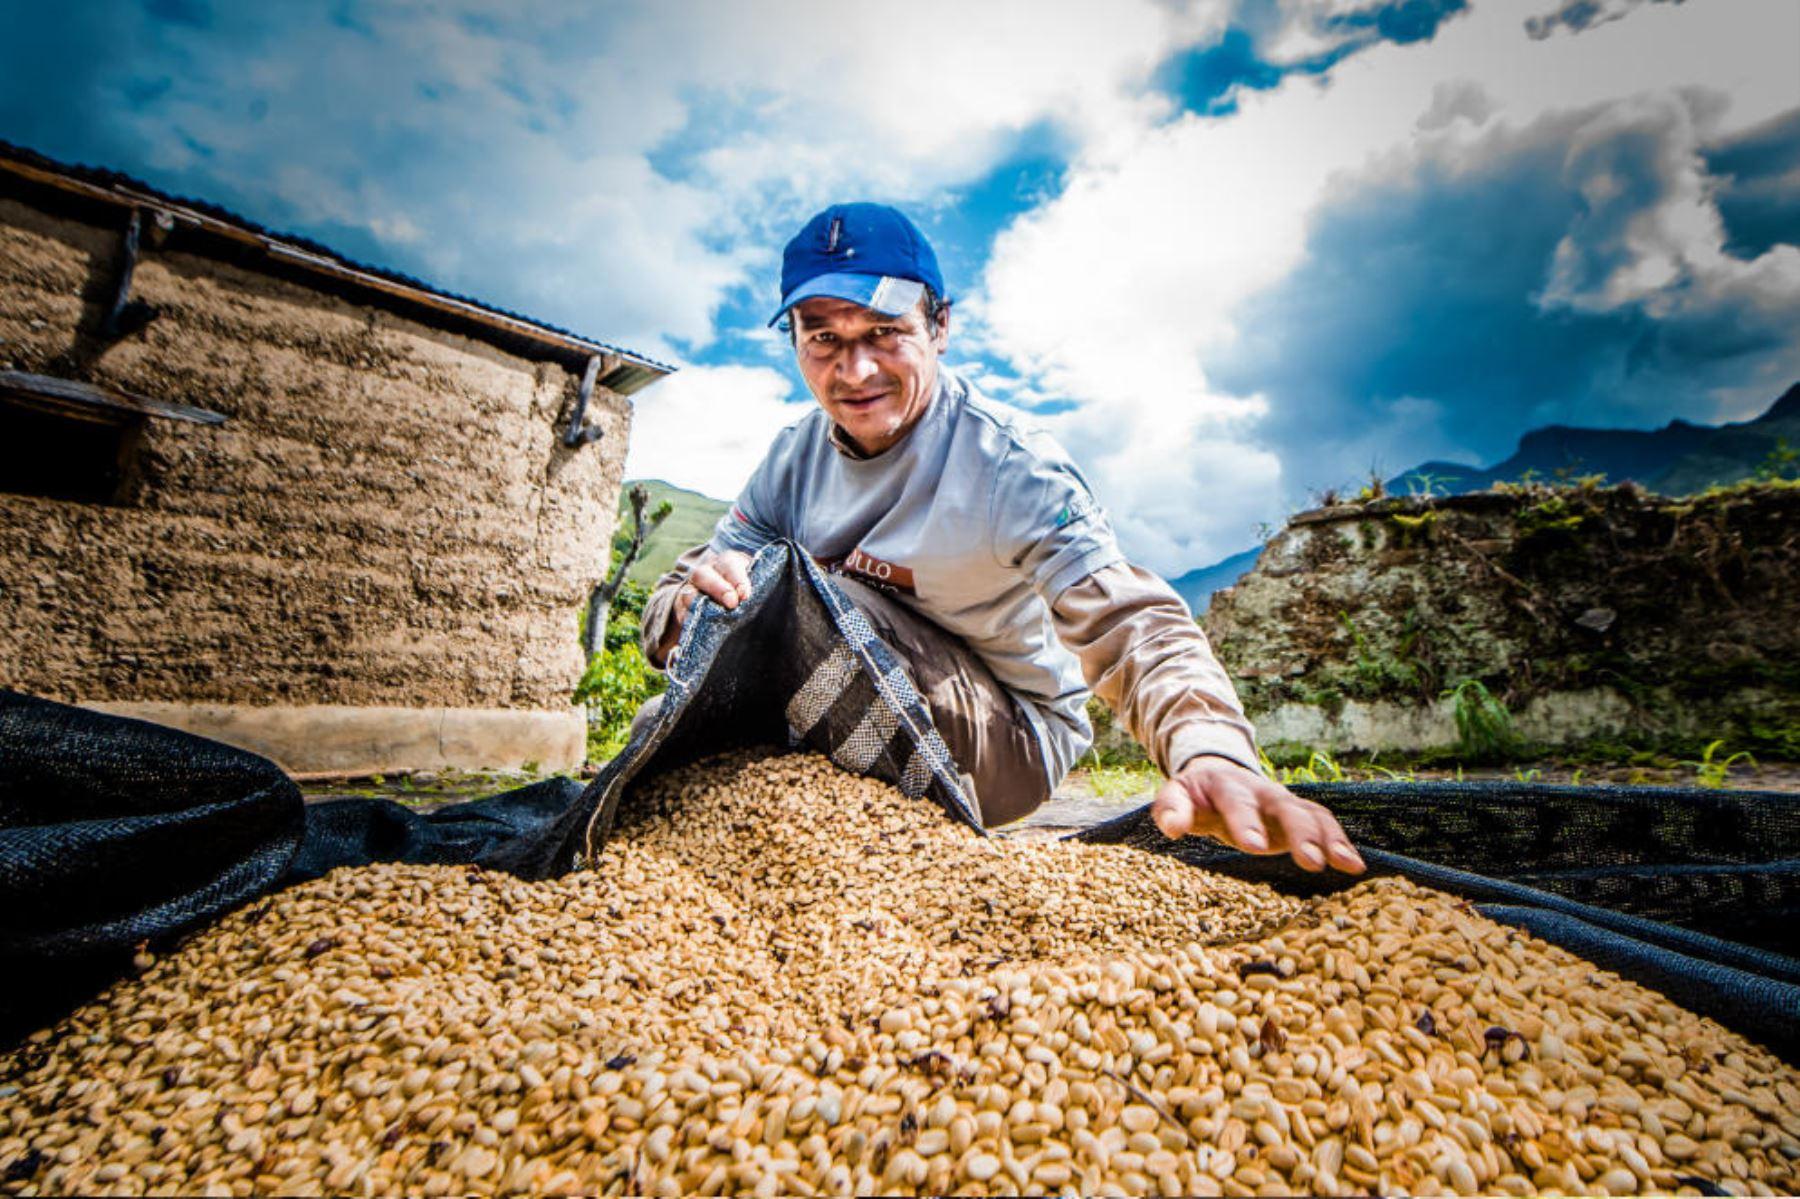 El café del valle del Monzón, región Huánuco, será saboreado por exigentes paladares de Europa. Foto: Devida